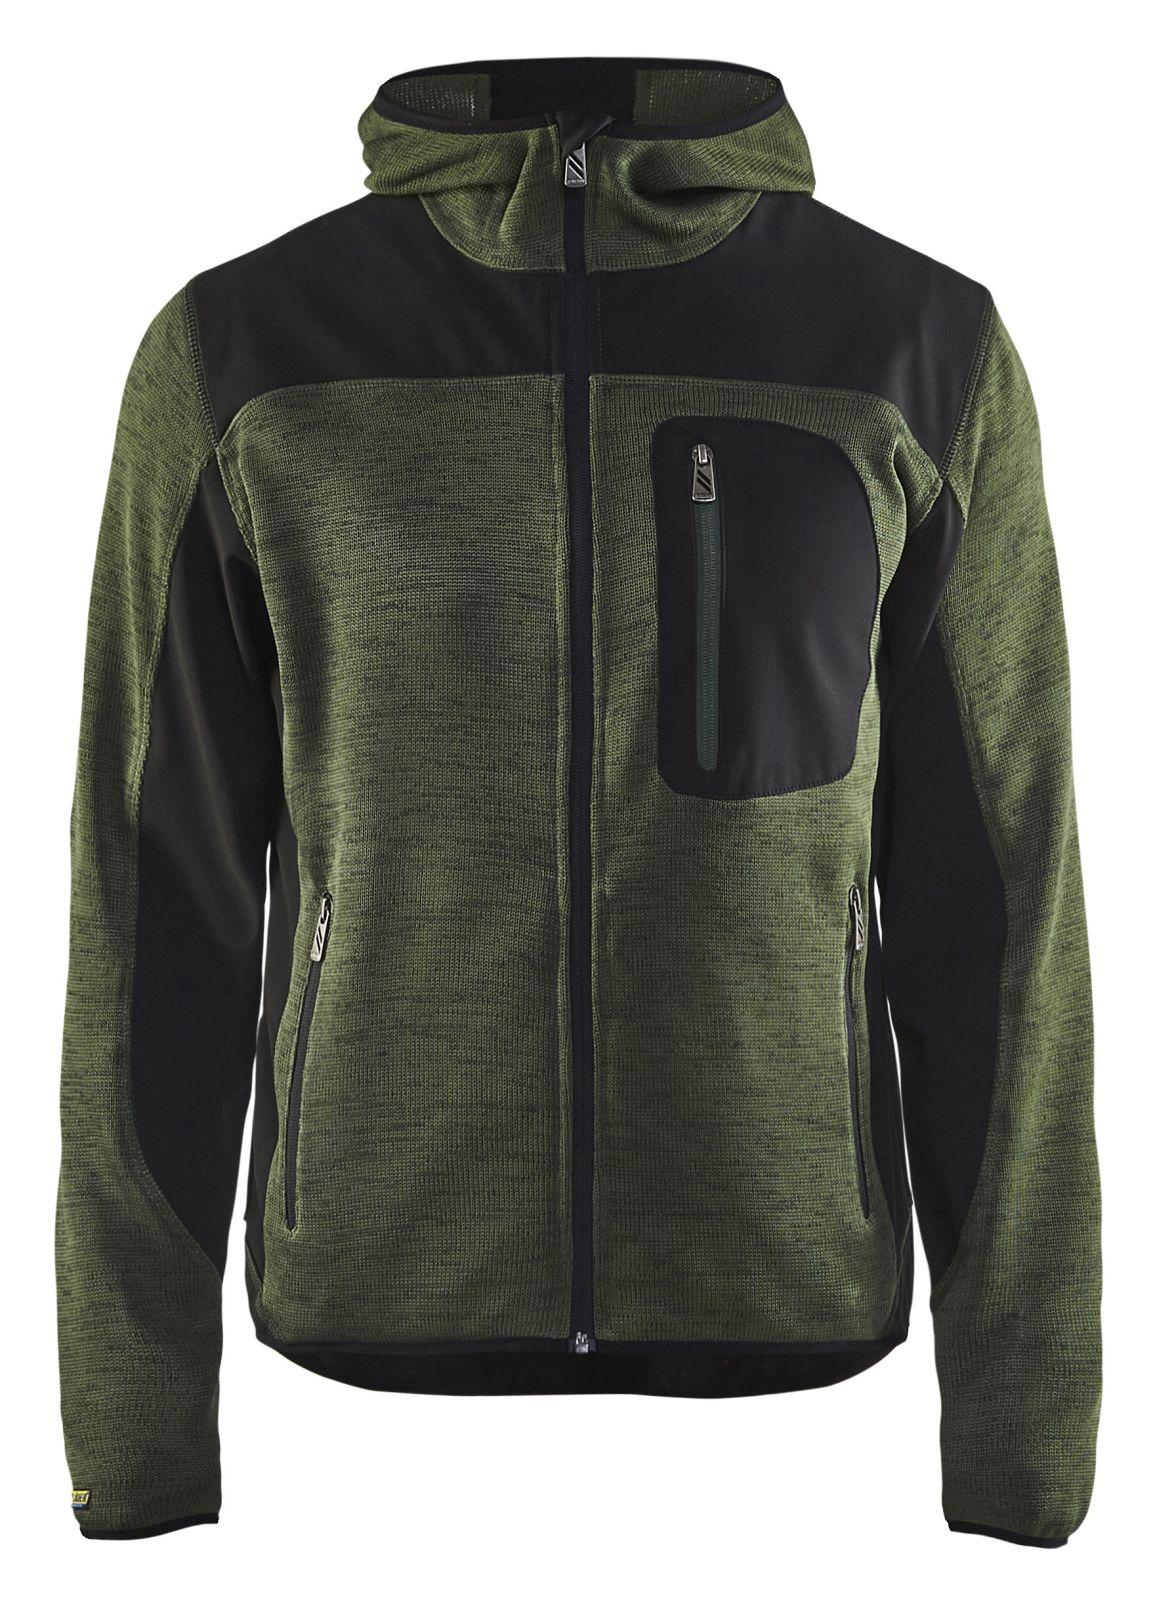 Blaklader Gebreide vesten 49302117 army groen-zwart(4699)